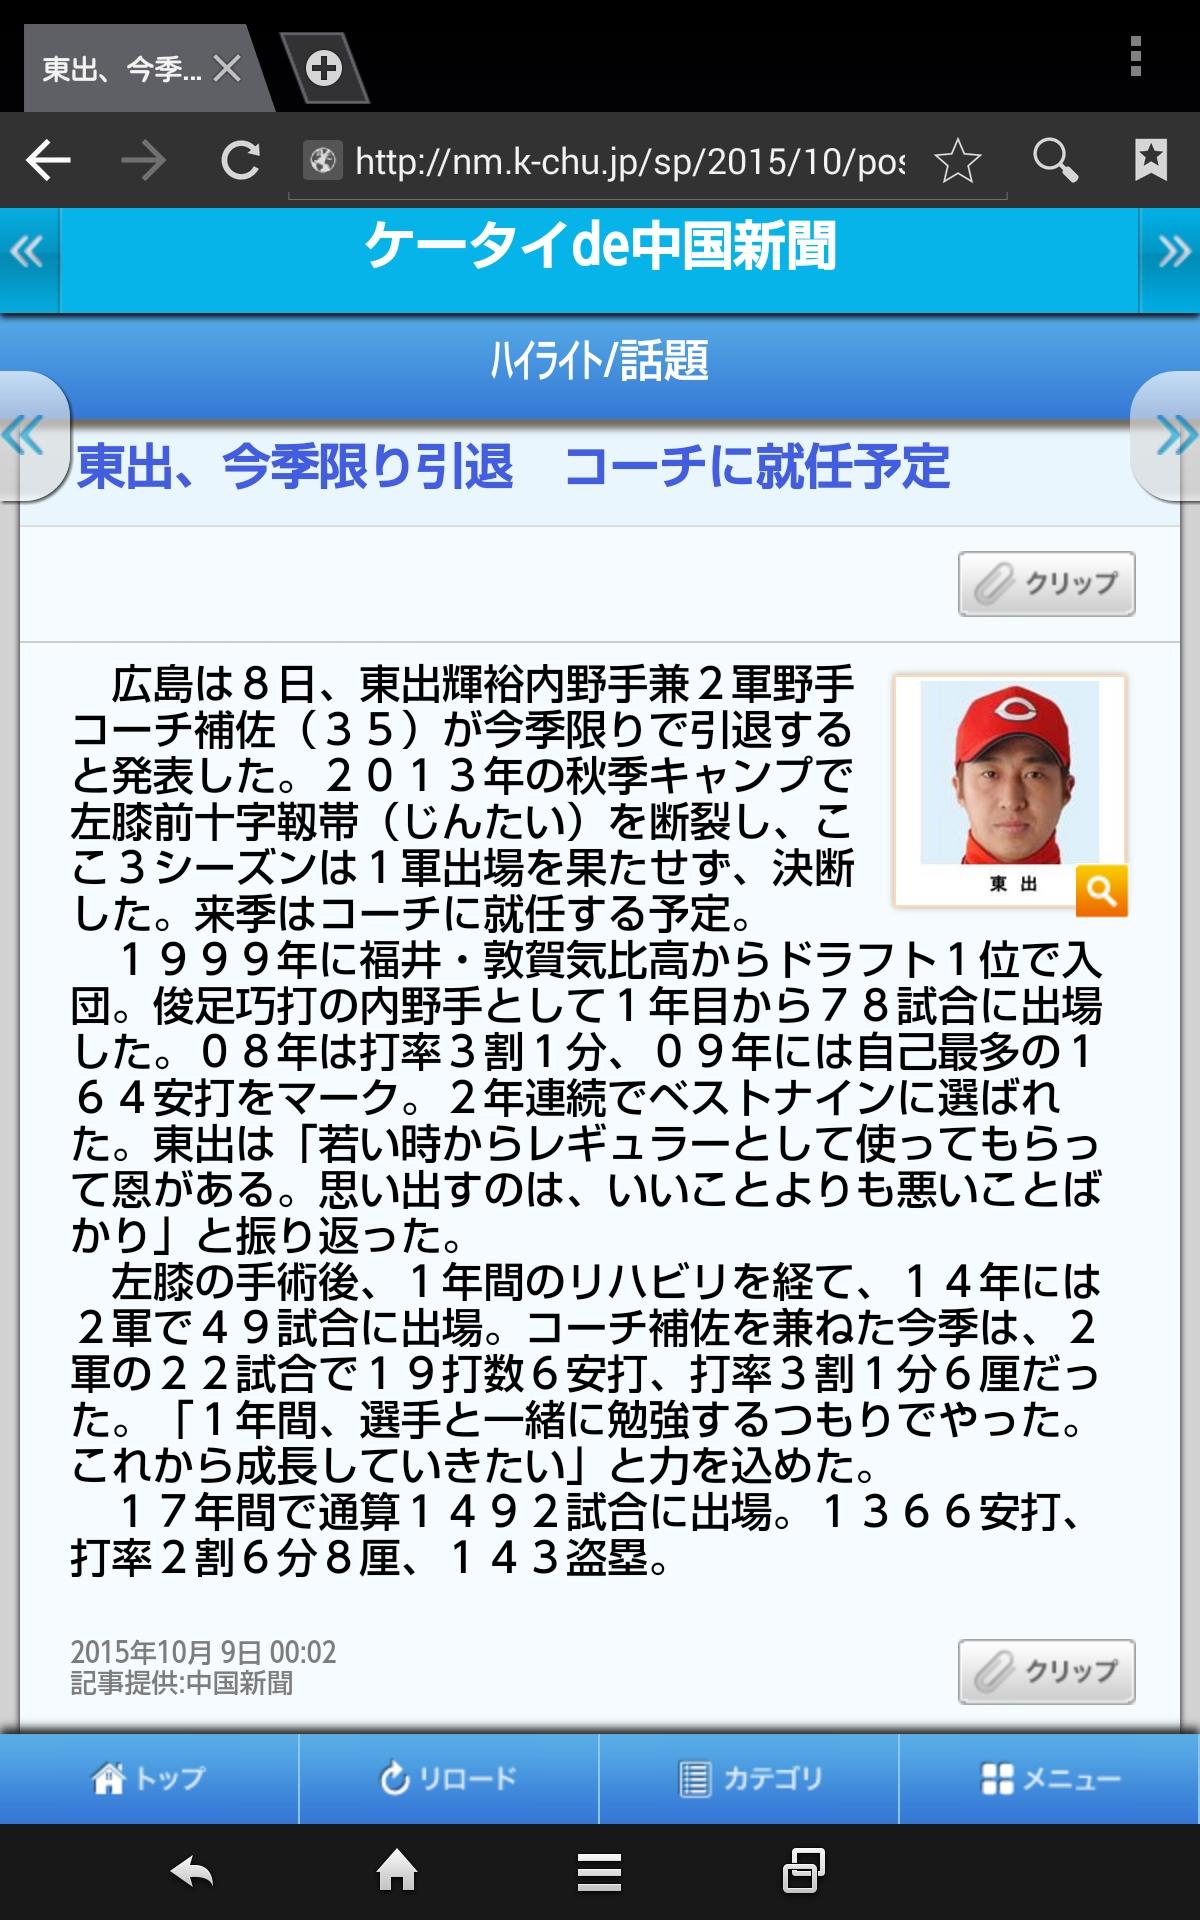 Screenshot_2015-10-09-02-17-57.jpg